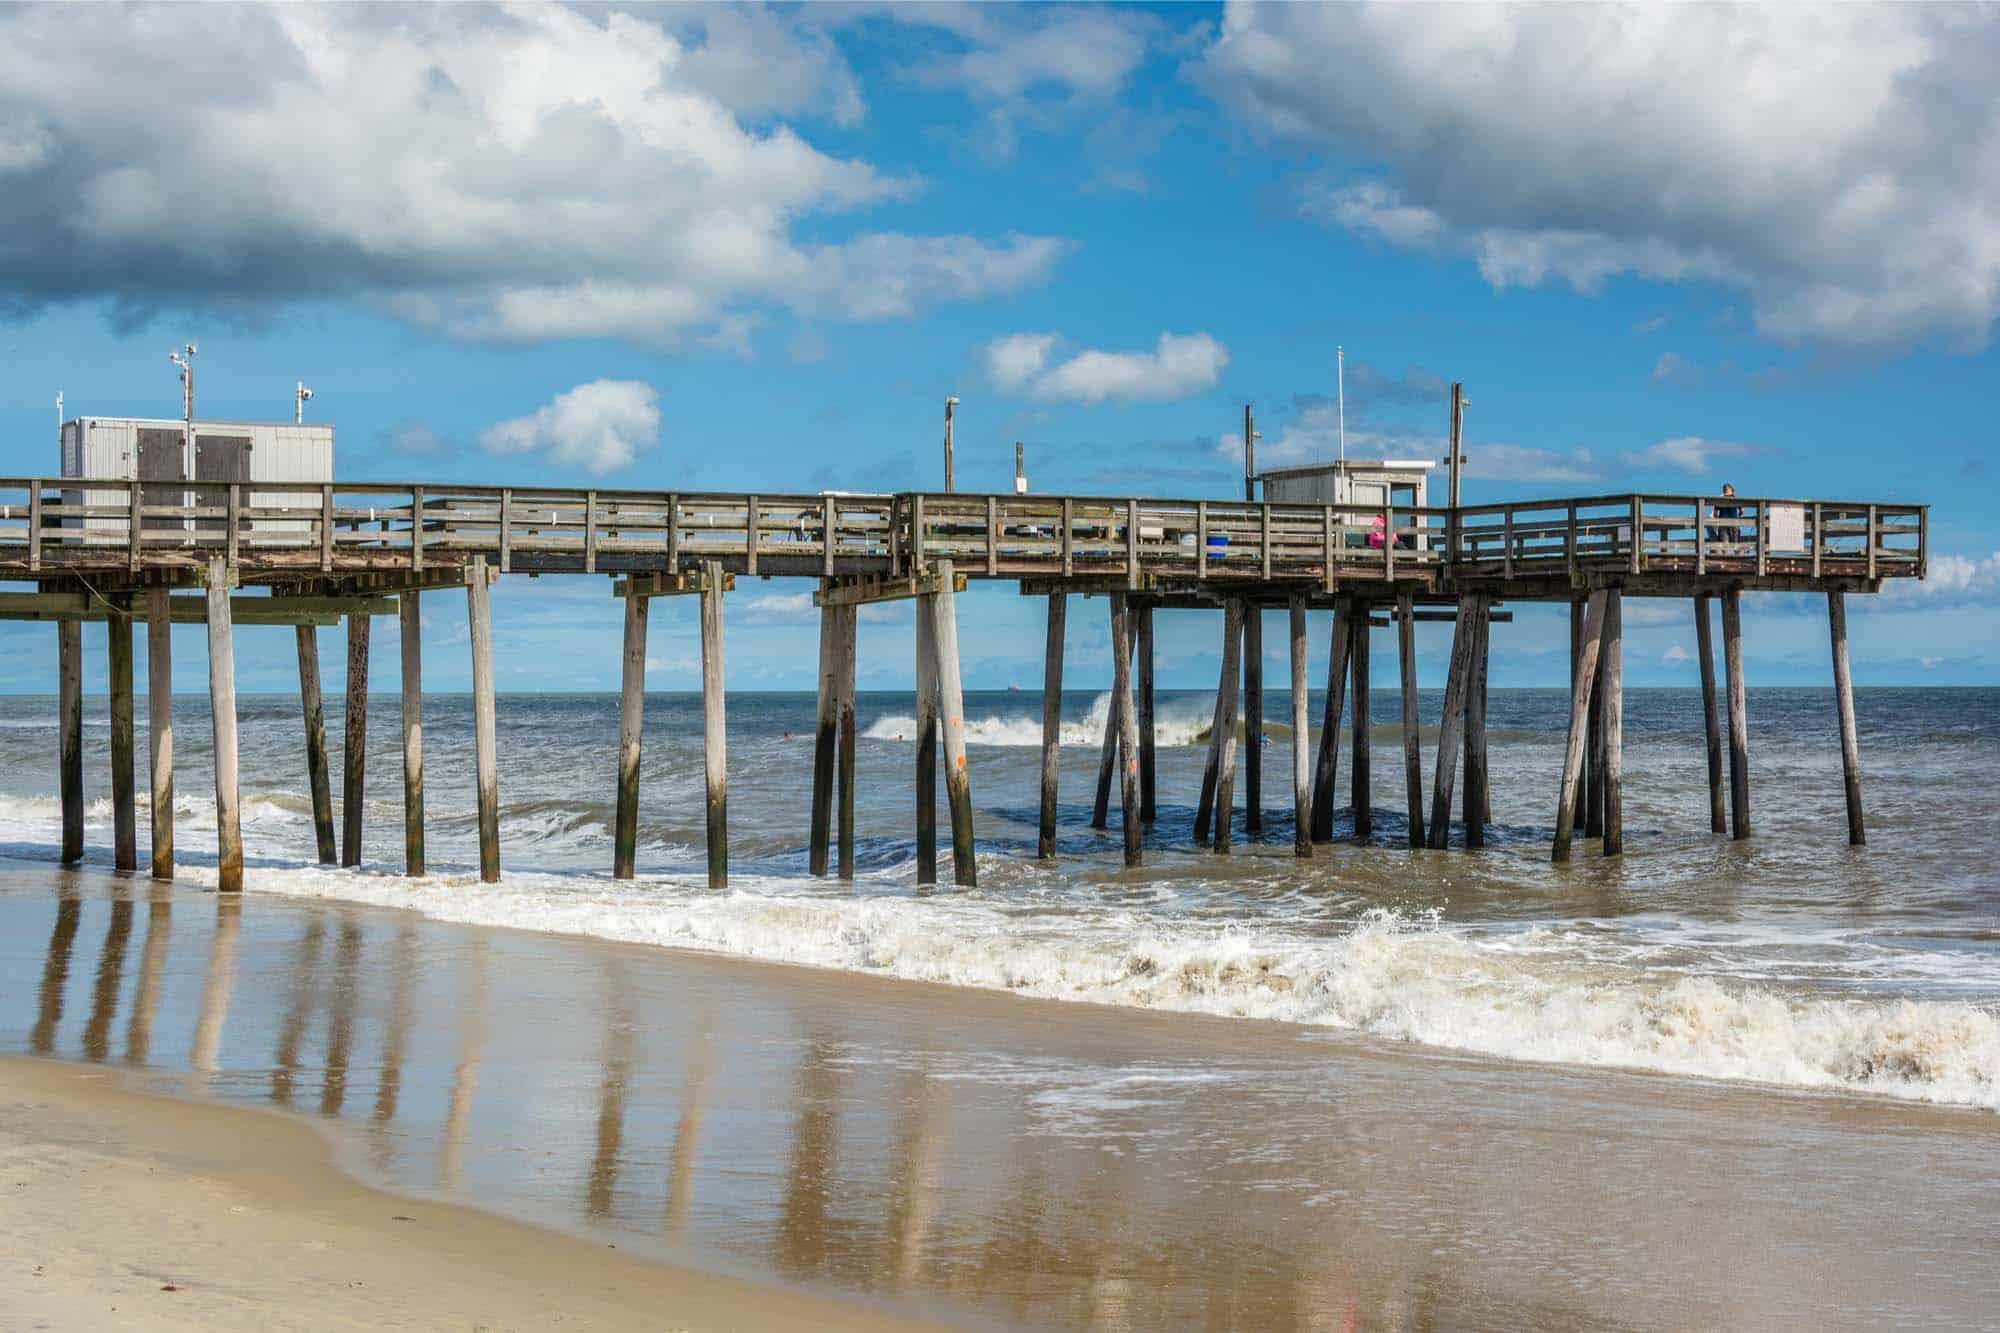 Small wooden pier over ocean